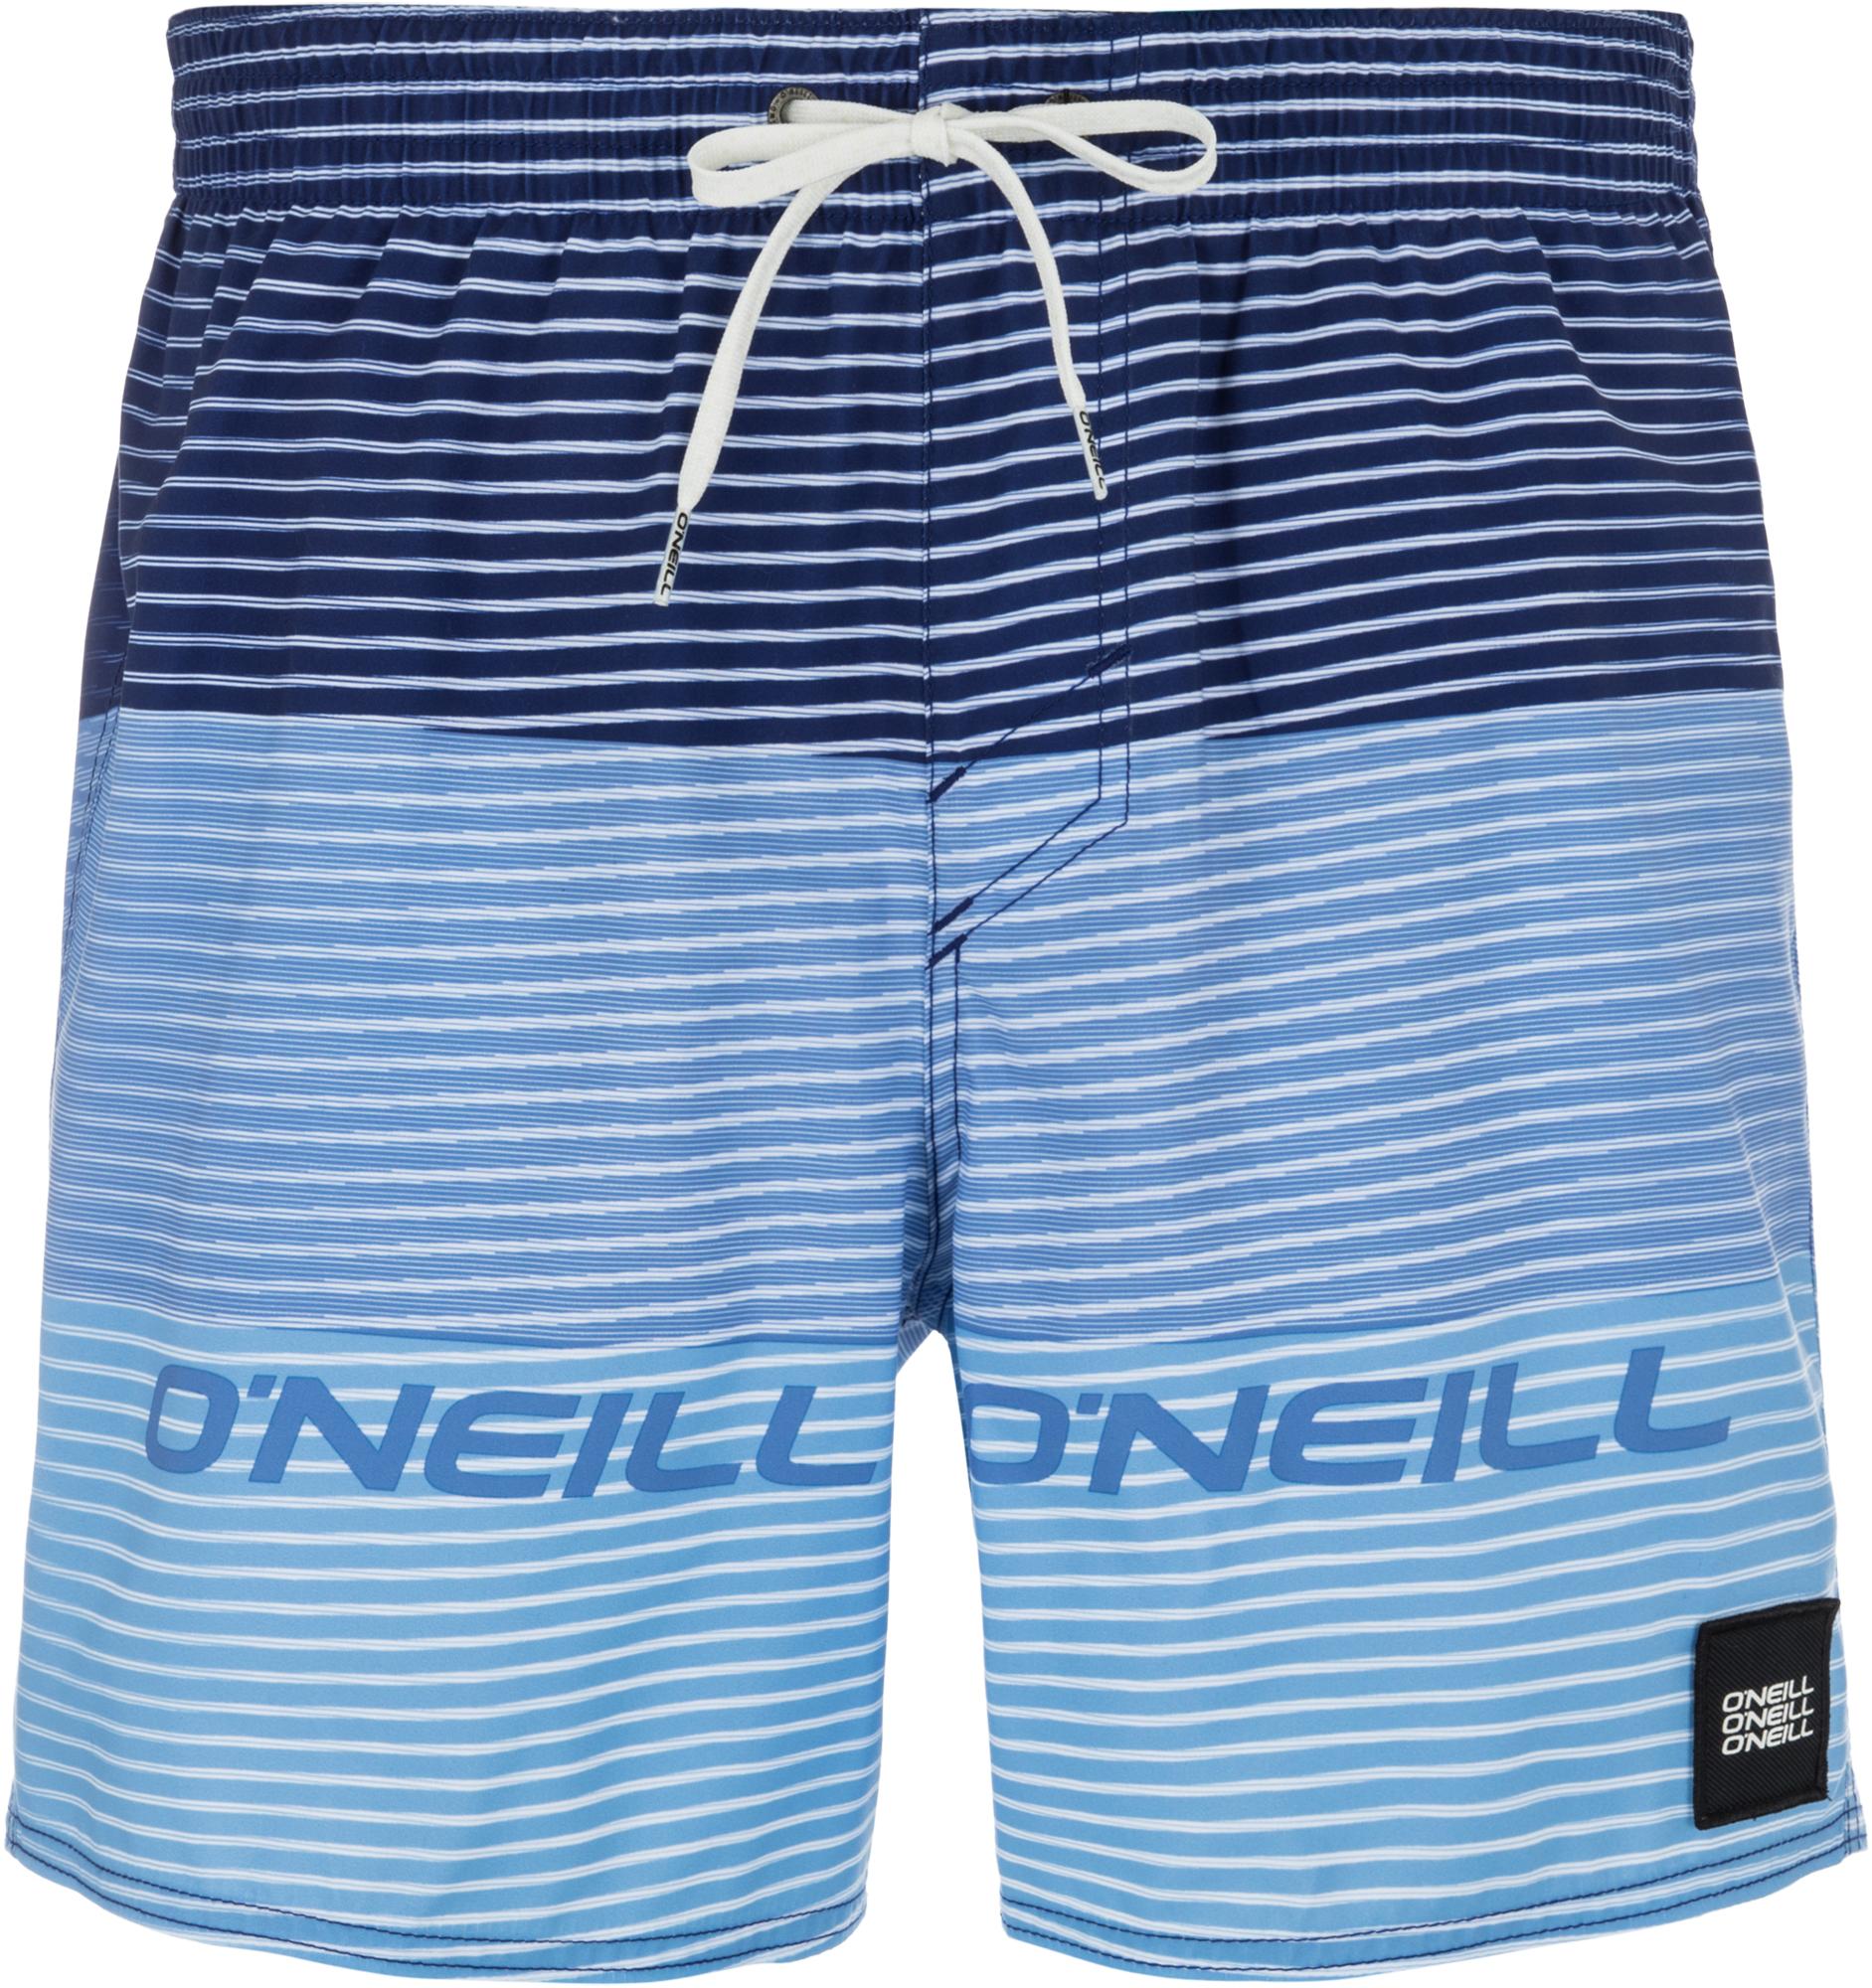 O'Neill Шорты пляжные мужские O'Neill Hm Sunstroke, размер 54-56 цена